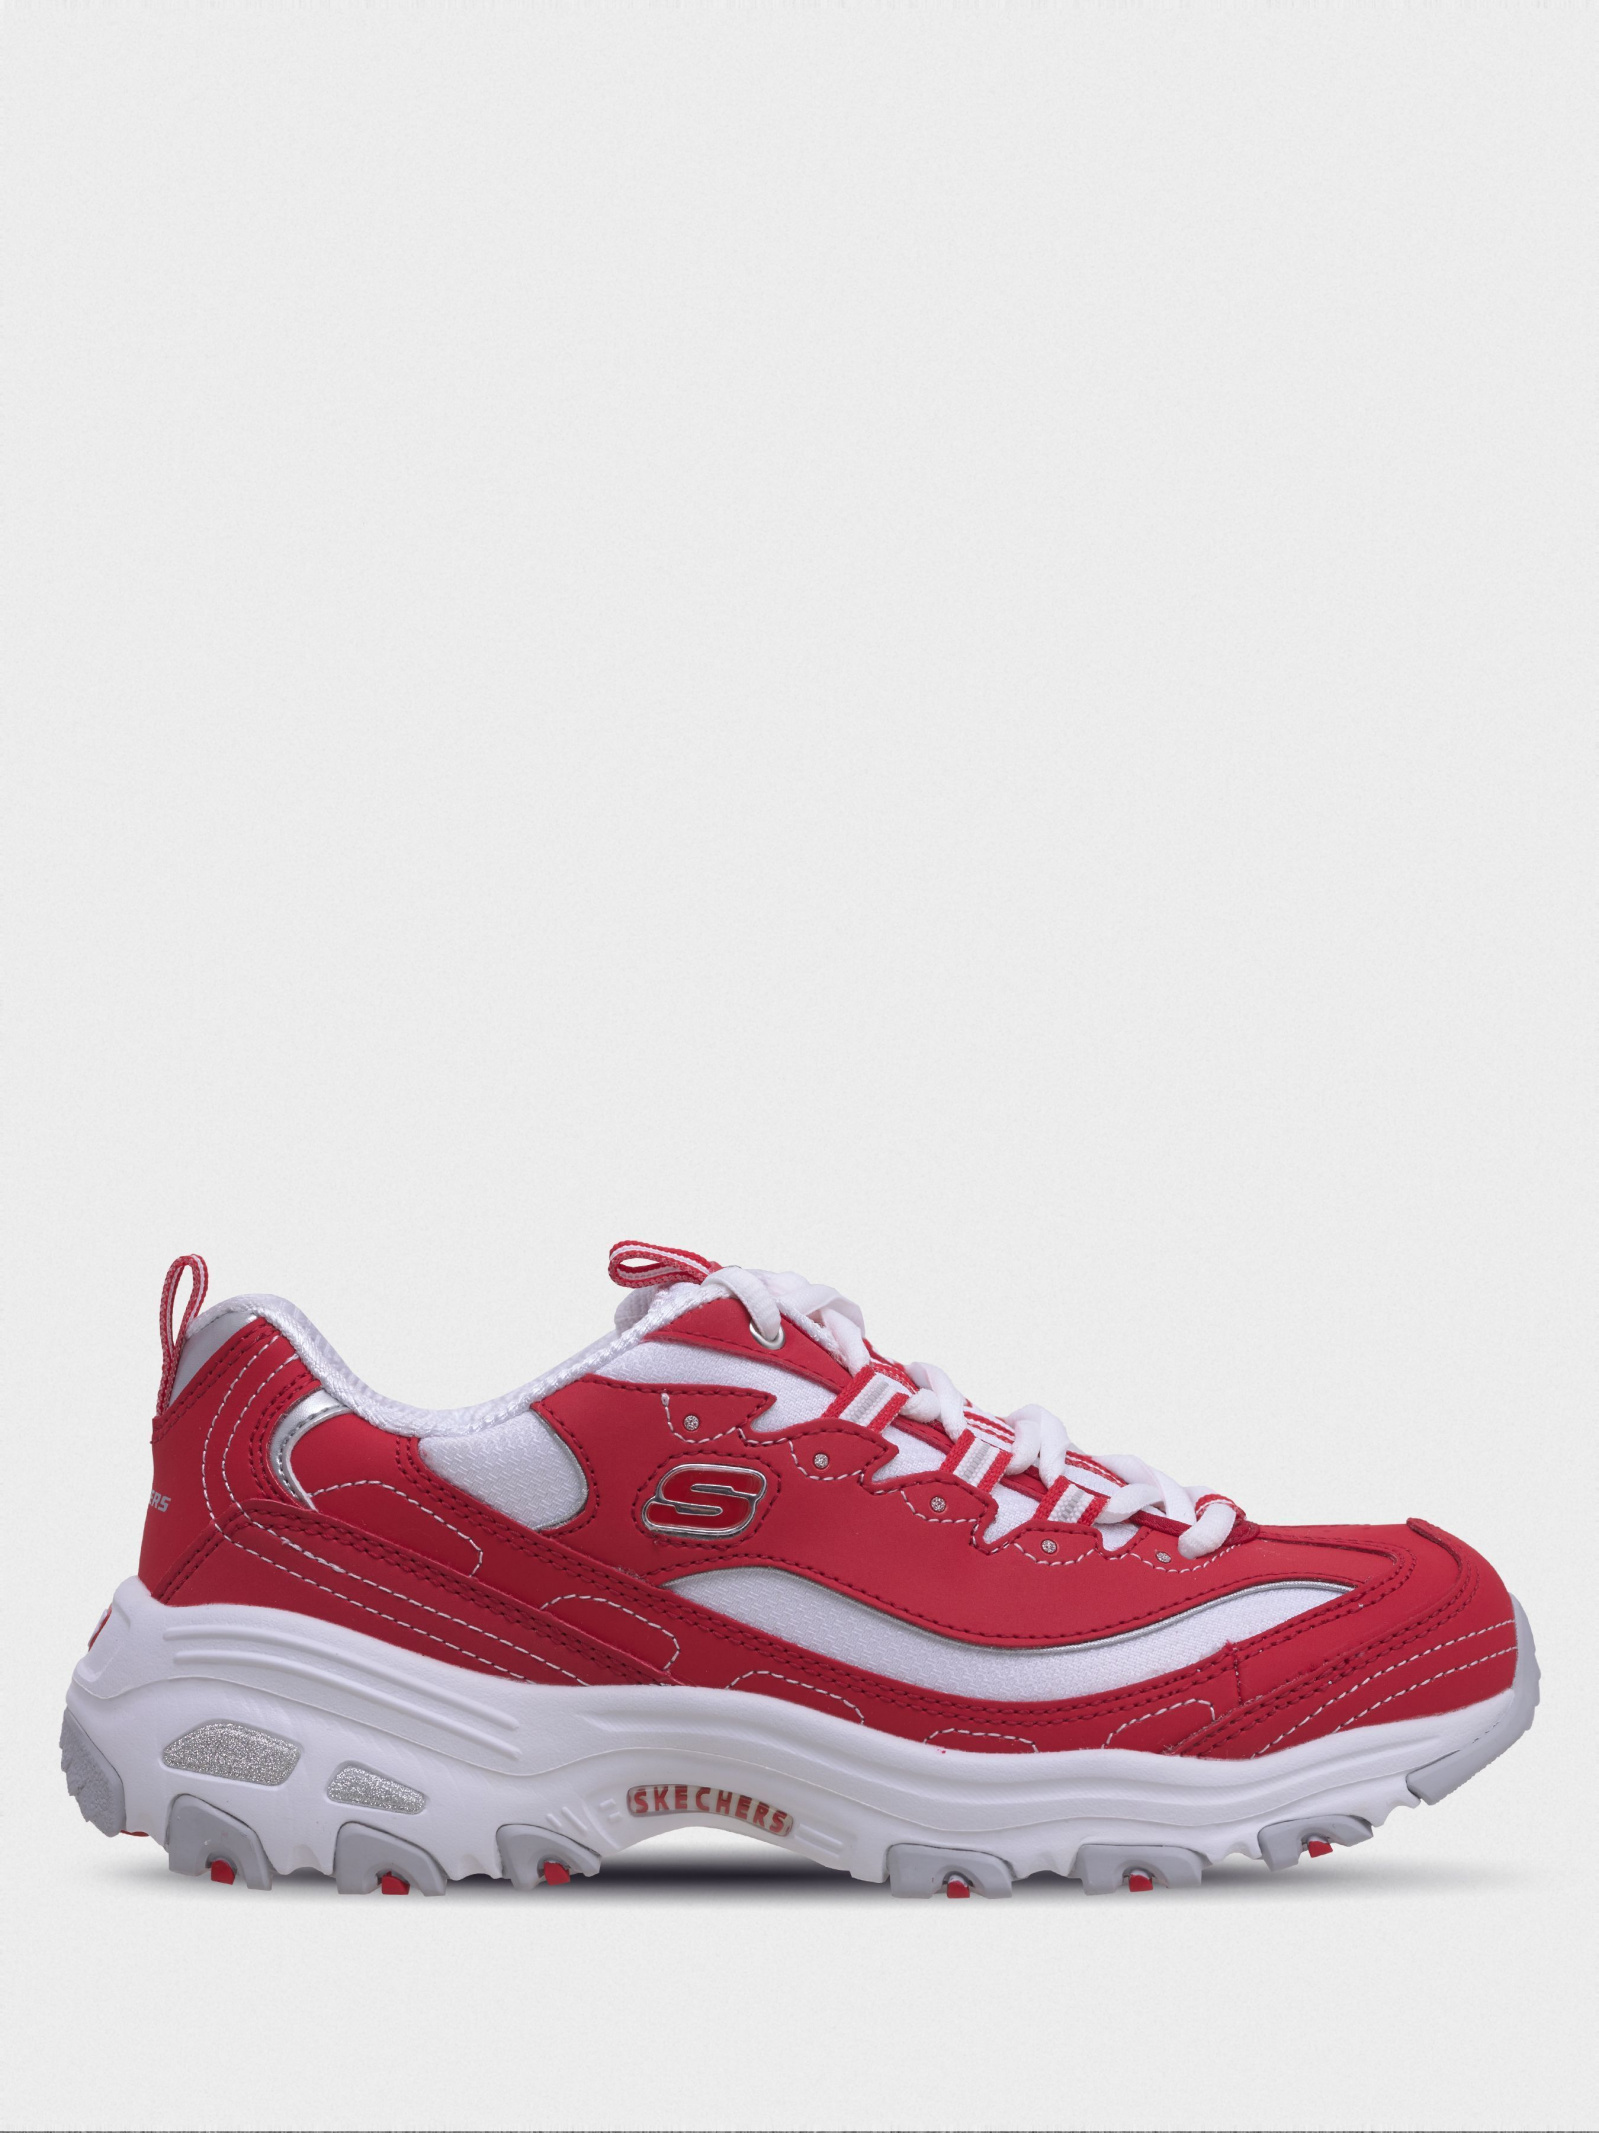 Кроссовки женские Skechers KW5327 размерная сетка обуви, 2017